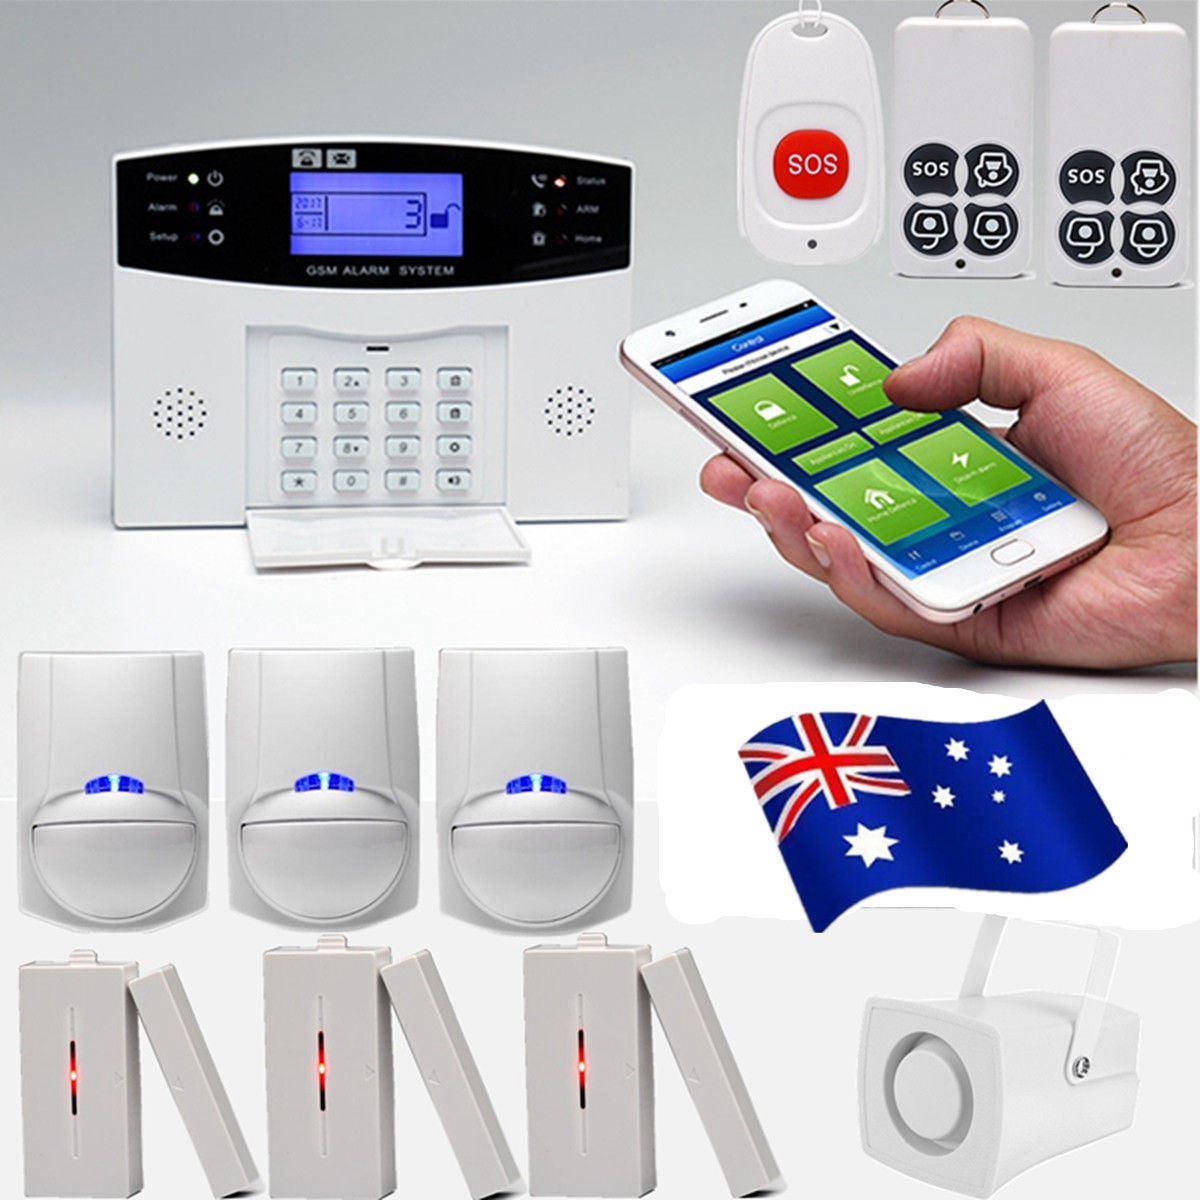 Écran LCD GSM sans fil système d'alarme antivol maison SOS mouvement porte fenêtre capteur alarme de sécurité